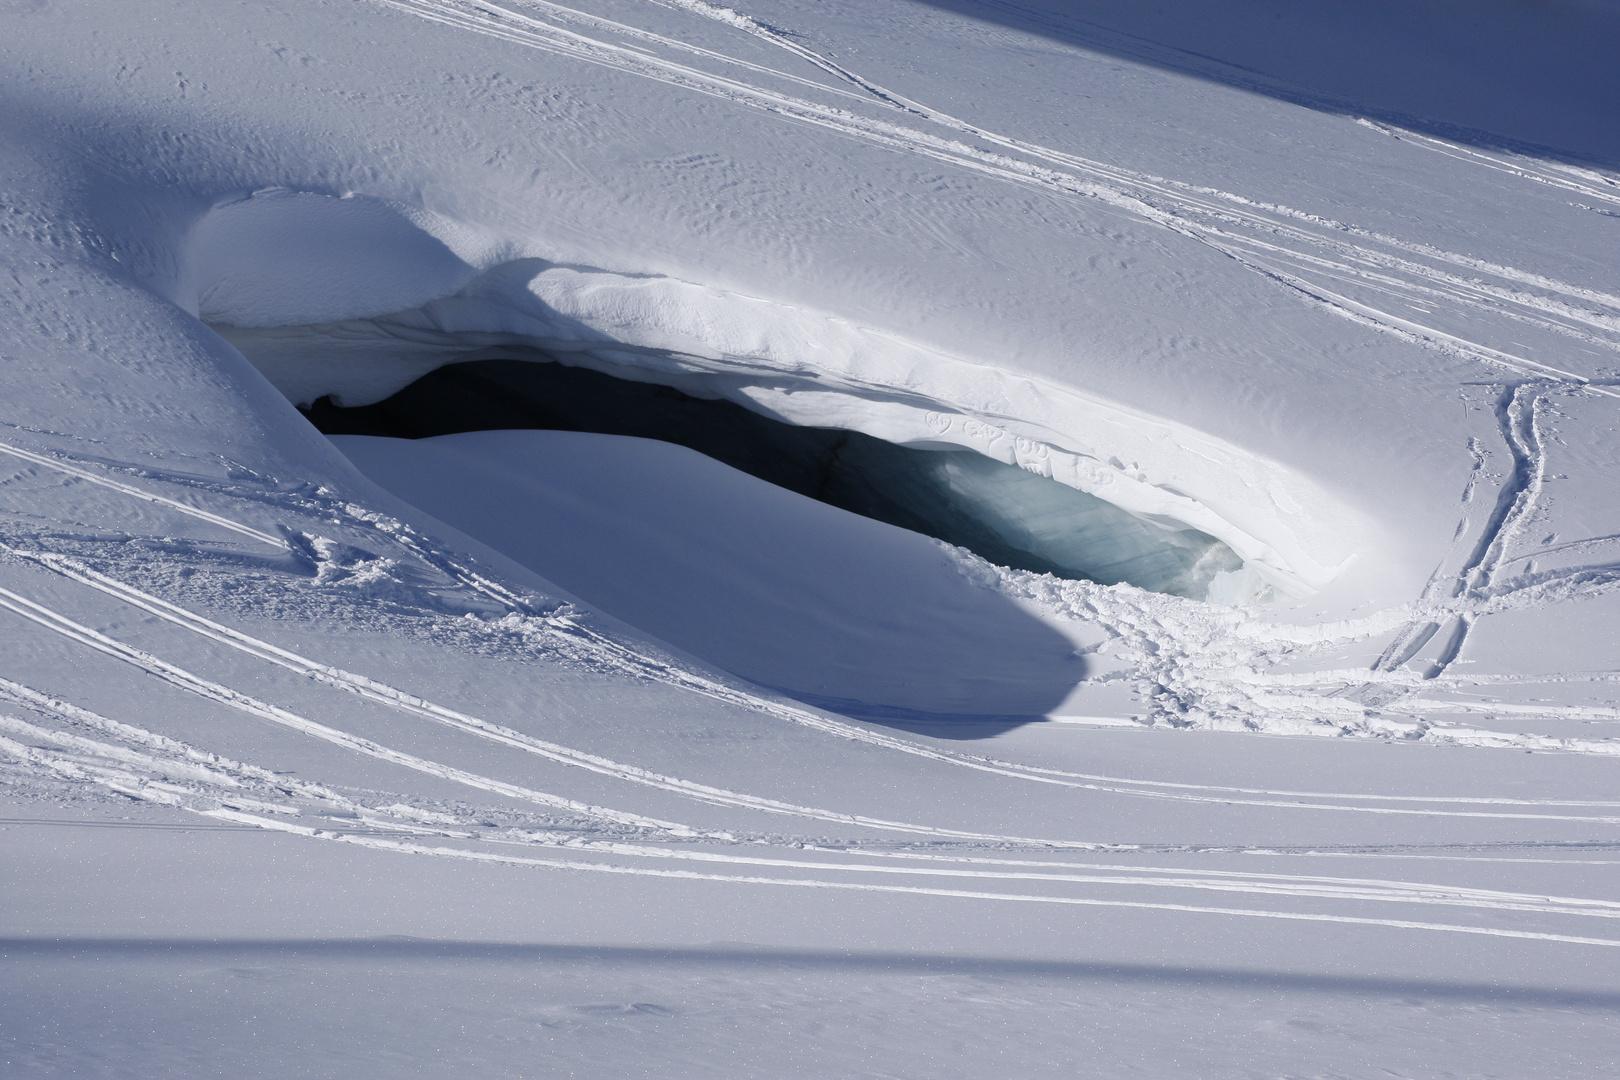 Gletschermund